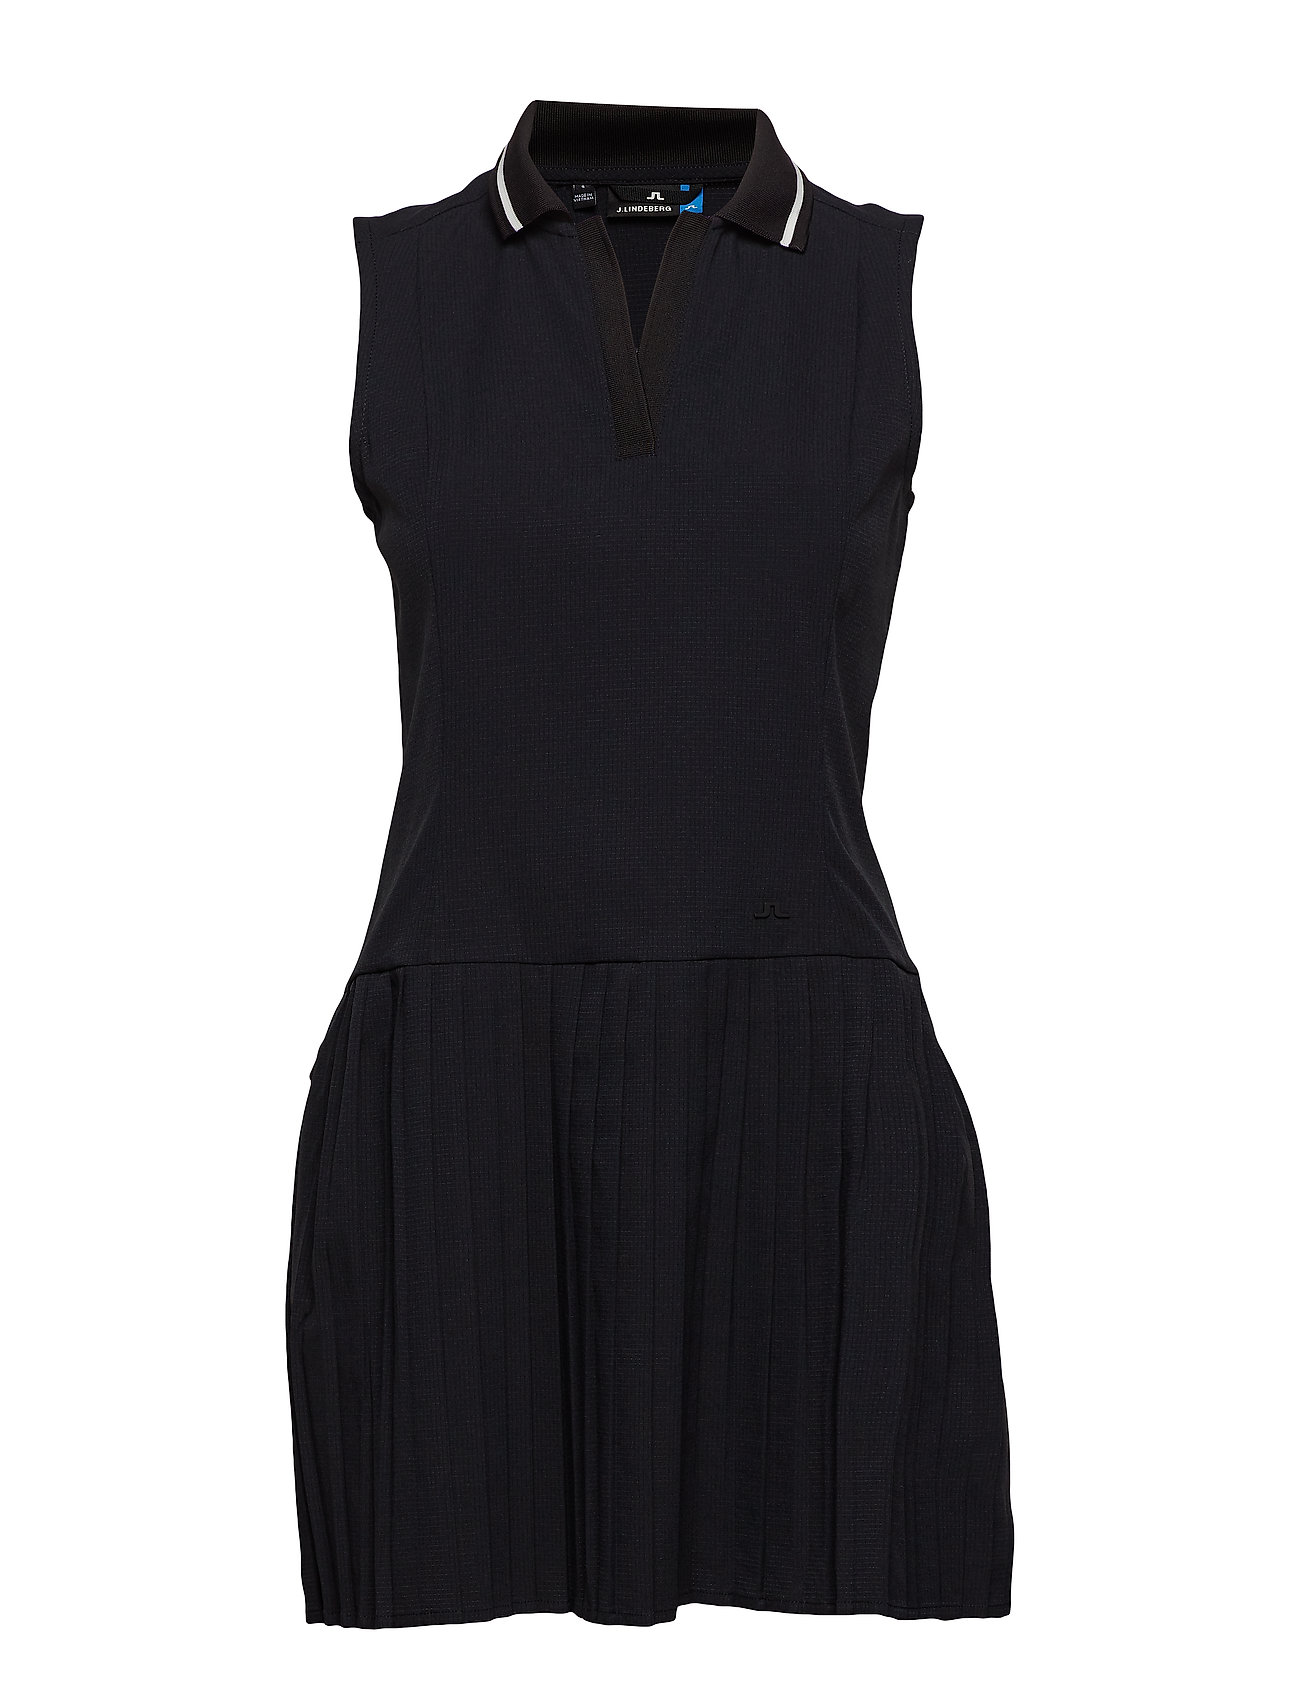 Cocktail Dress Golf